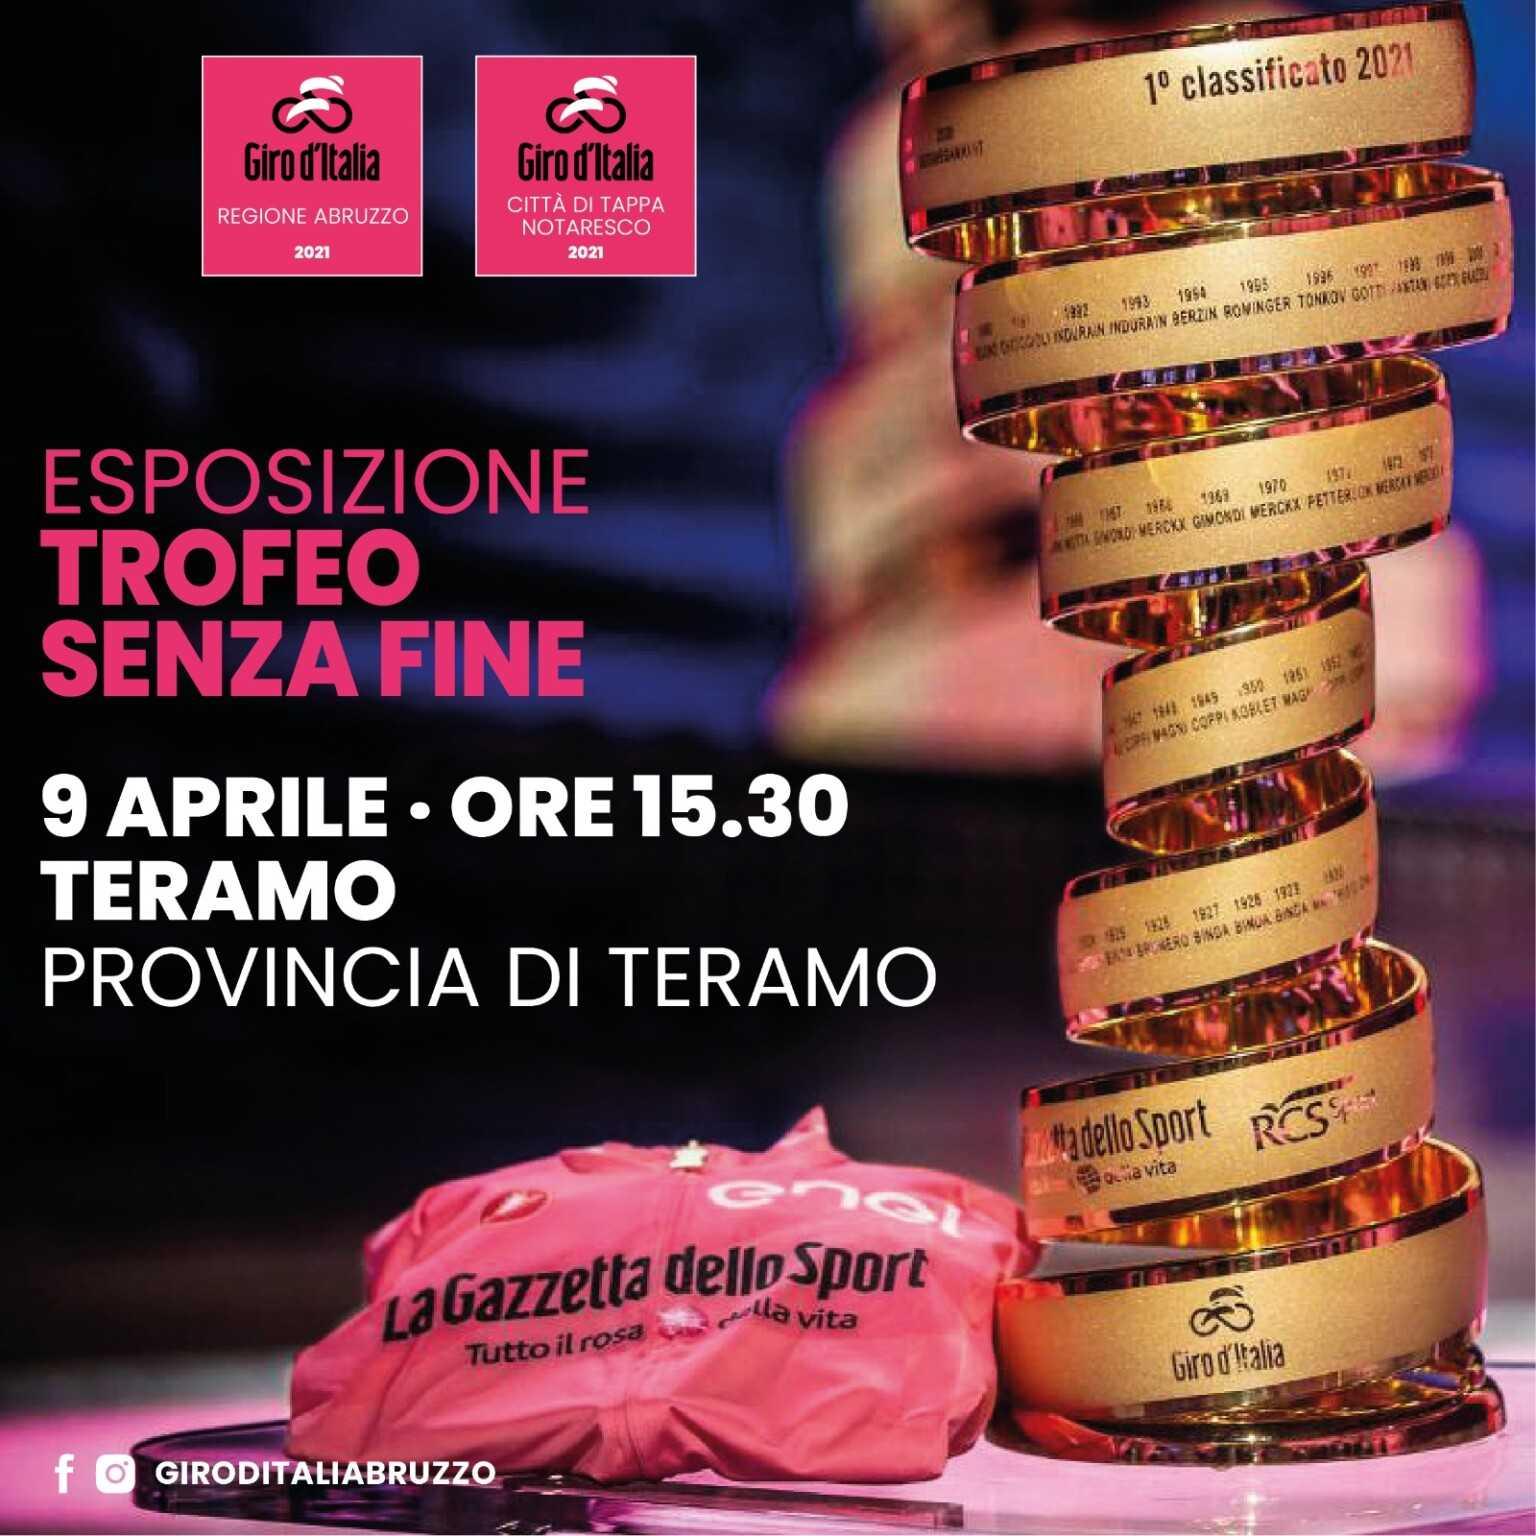 """Tappa del Giro d'Italia il 14 maggio da San Giacomo a Notaresco. Domani il """"Trofeo senza fine"""" a Teramo"""